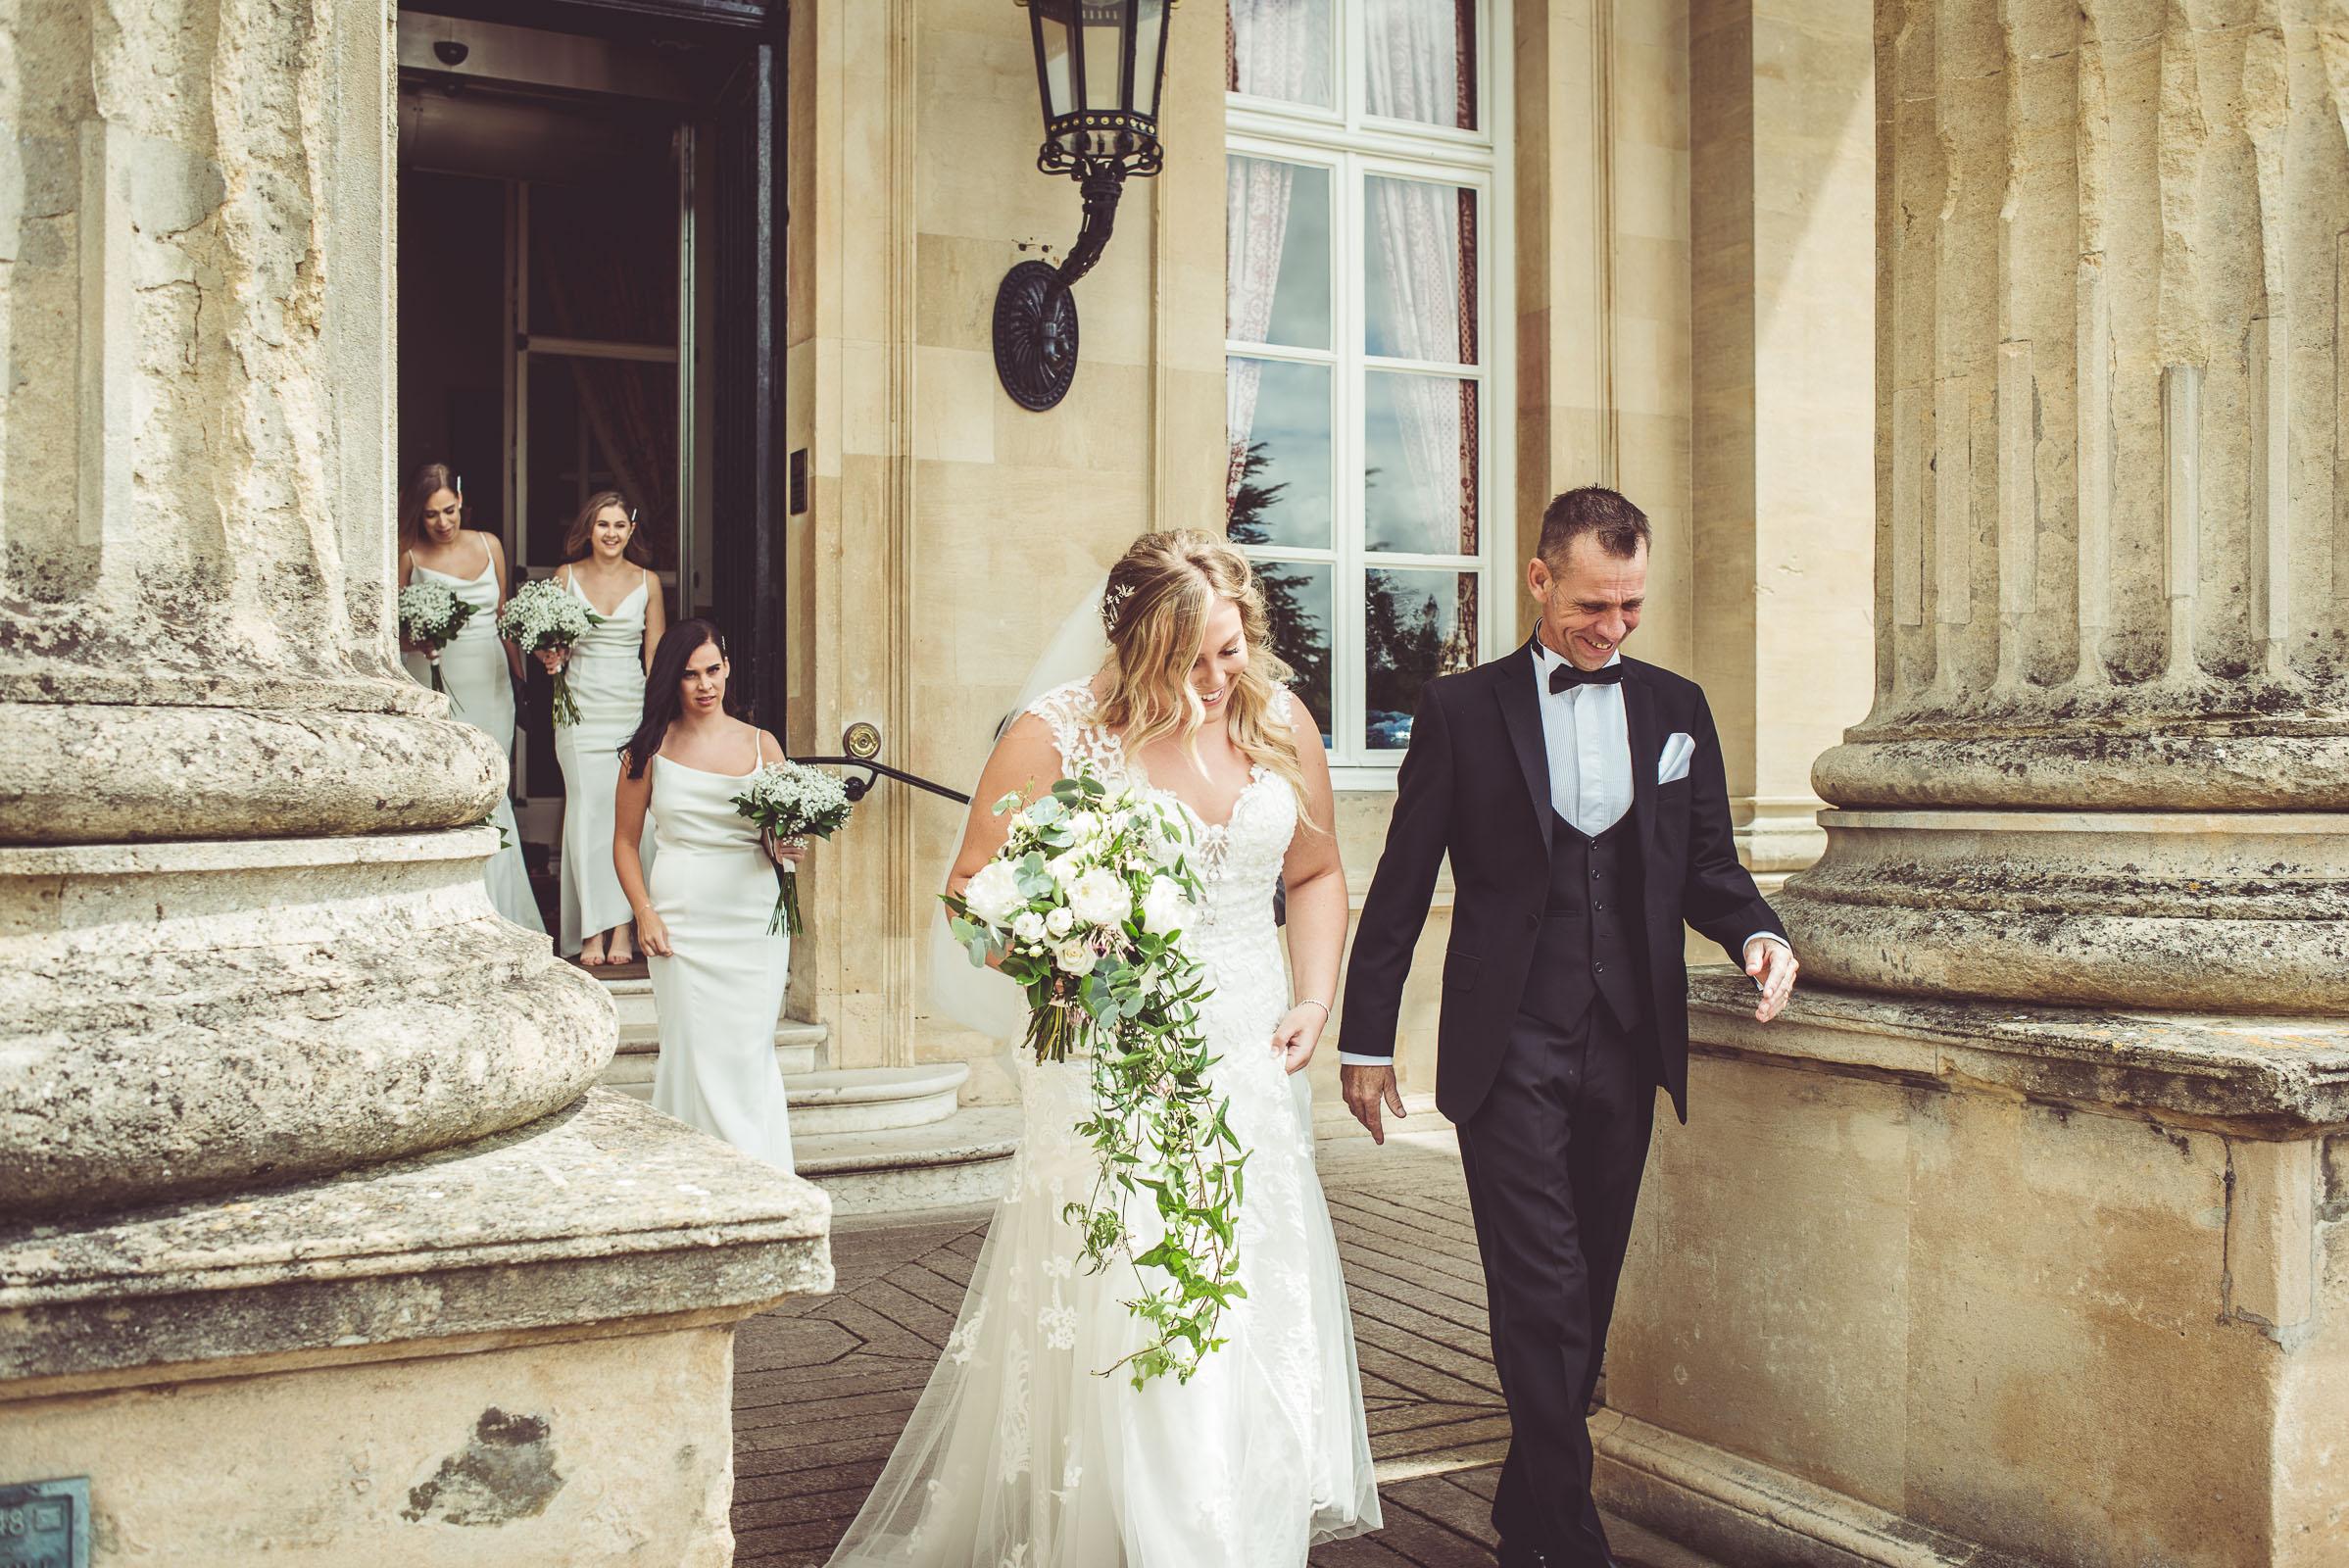 Lutonhoo-wedding-Bedfordshire-Datchworth-Tewinburyfarm-29.jpg